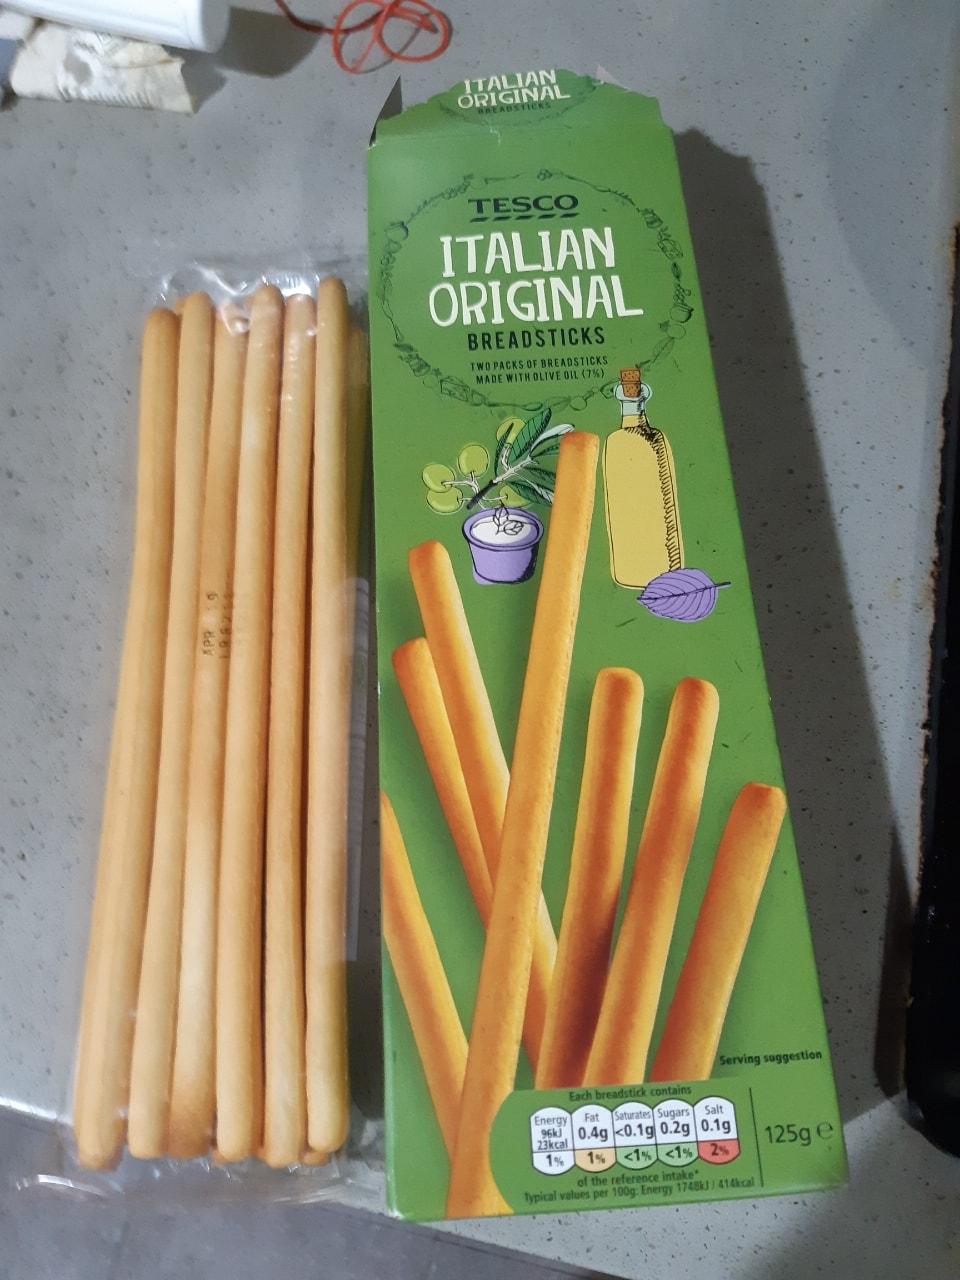 Tesco brand breadsticks. One unopened pack left.